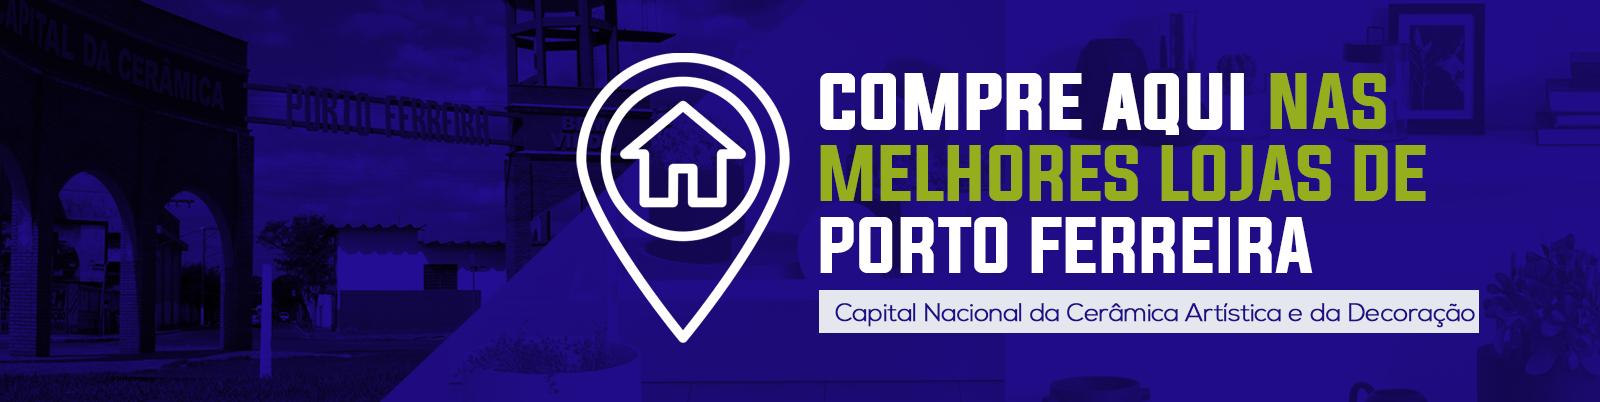 Compre aqui nas melhores lojas de Porto Ferreira, Capital Nacional da Cerâmica Artística e Decoração